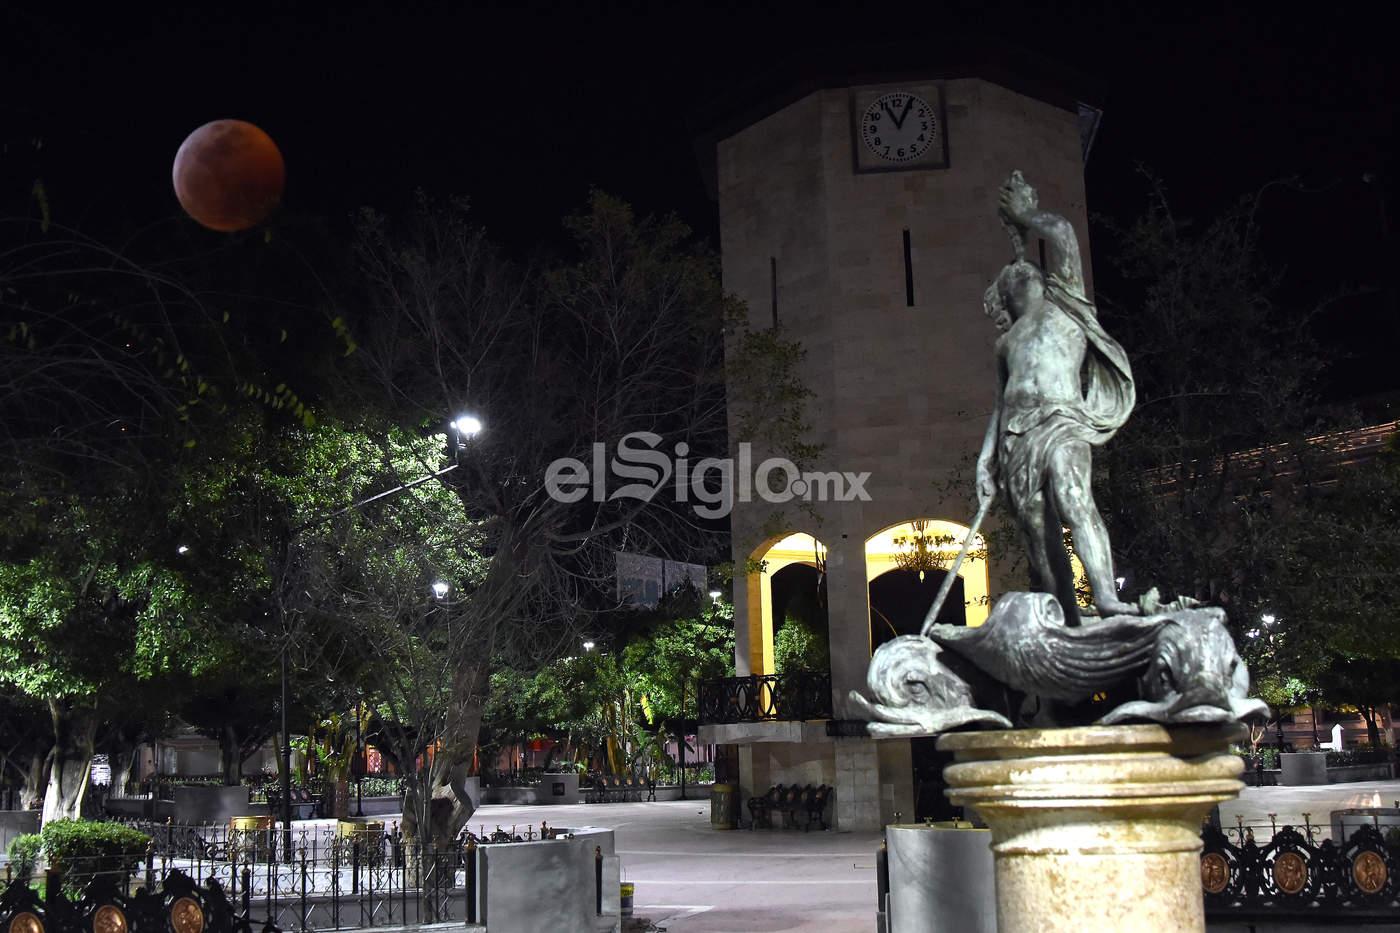 El eclipse se pudo apreciar en todo su esplendor en Torreón. (JESÚS GALINDO)